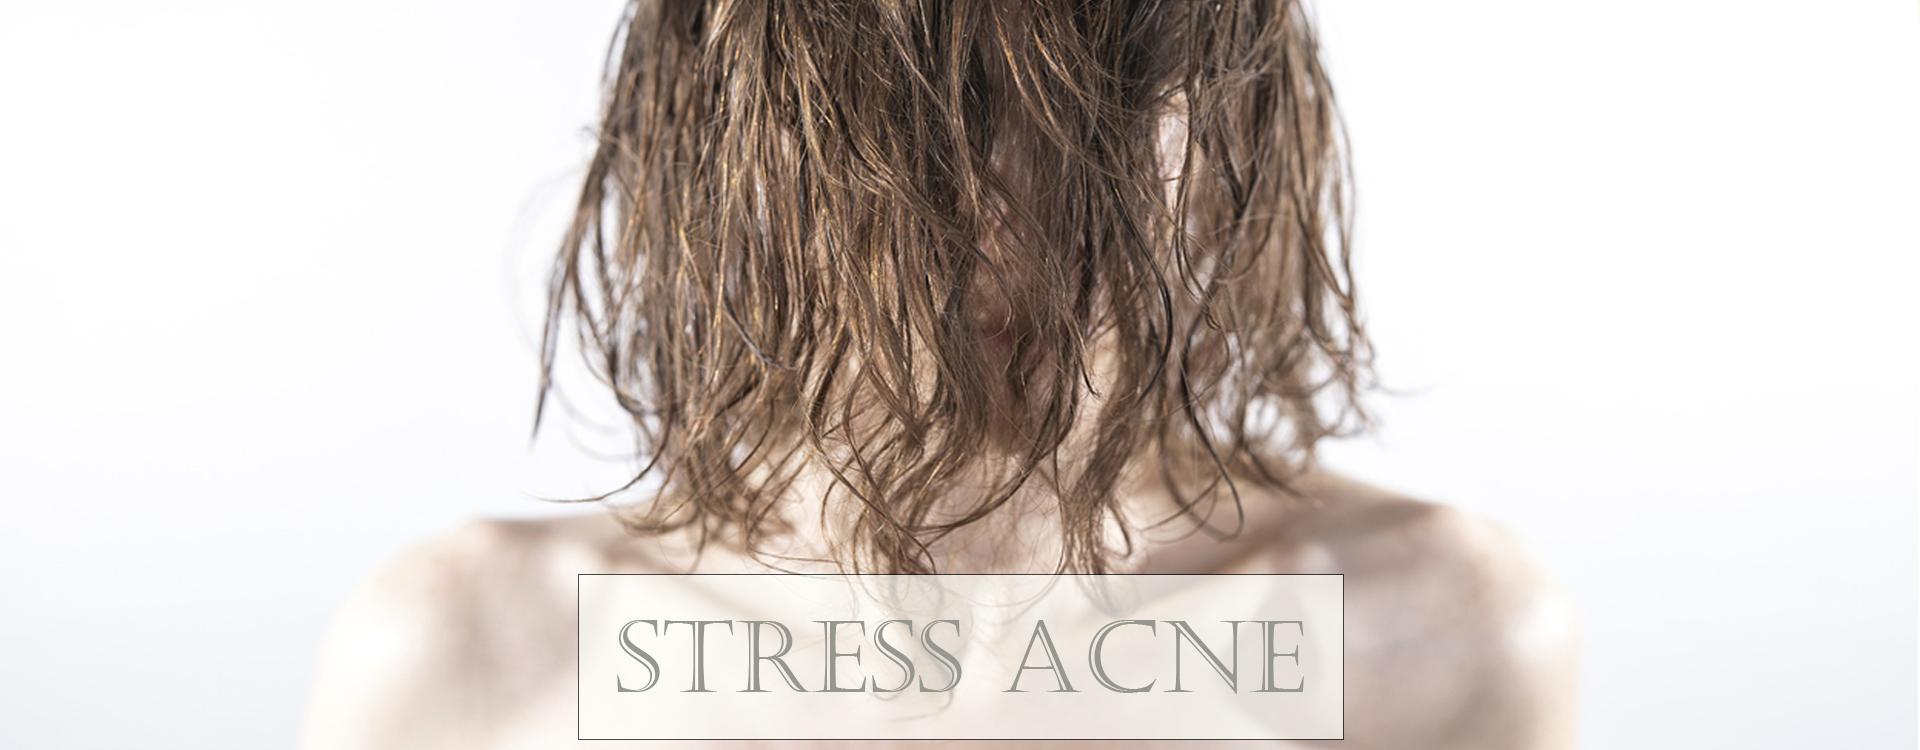 10 sposobów na STRESS ACNE